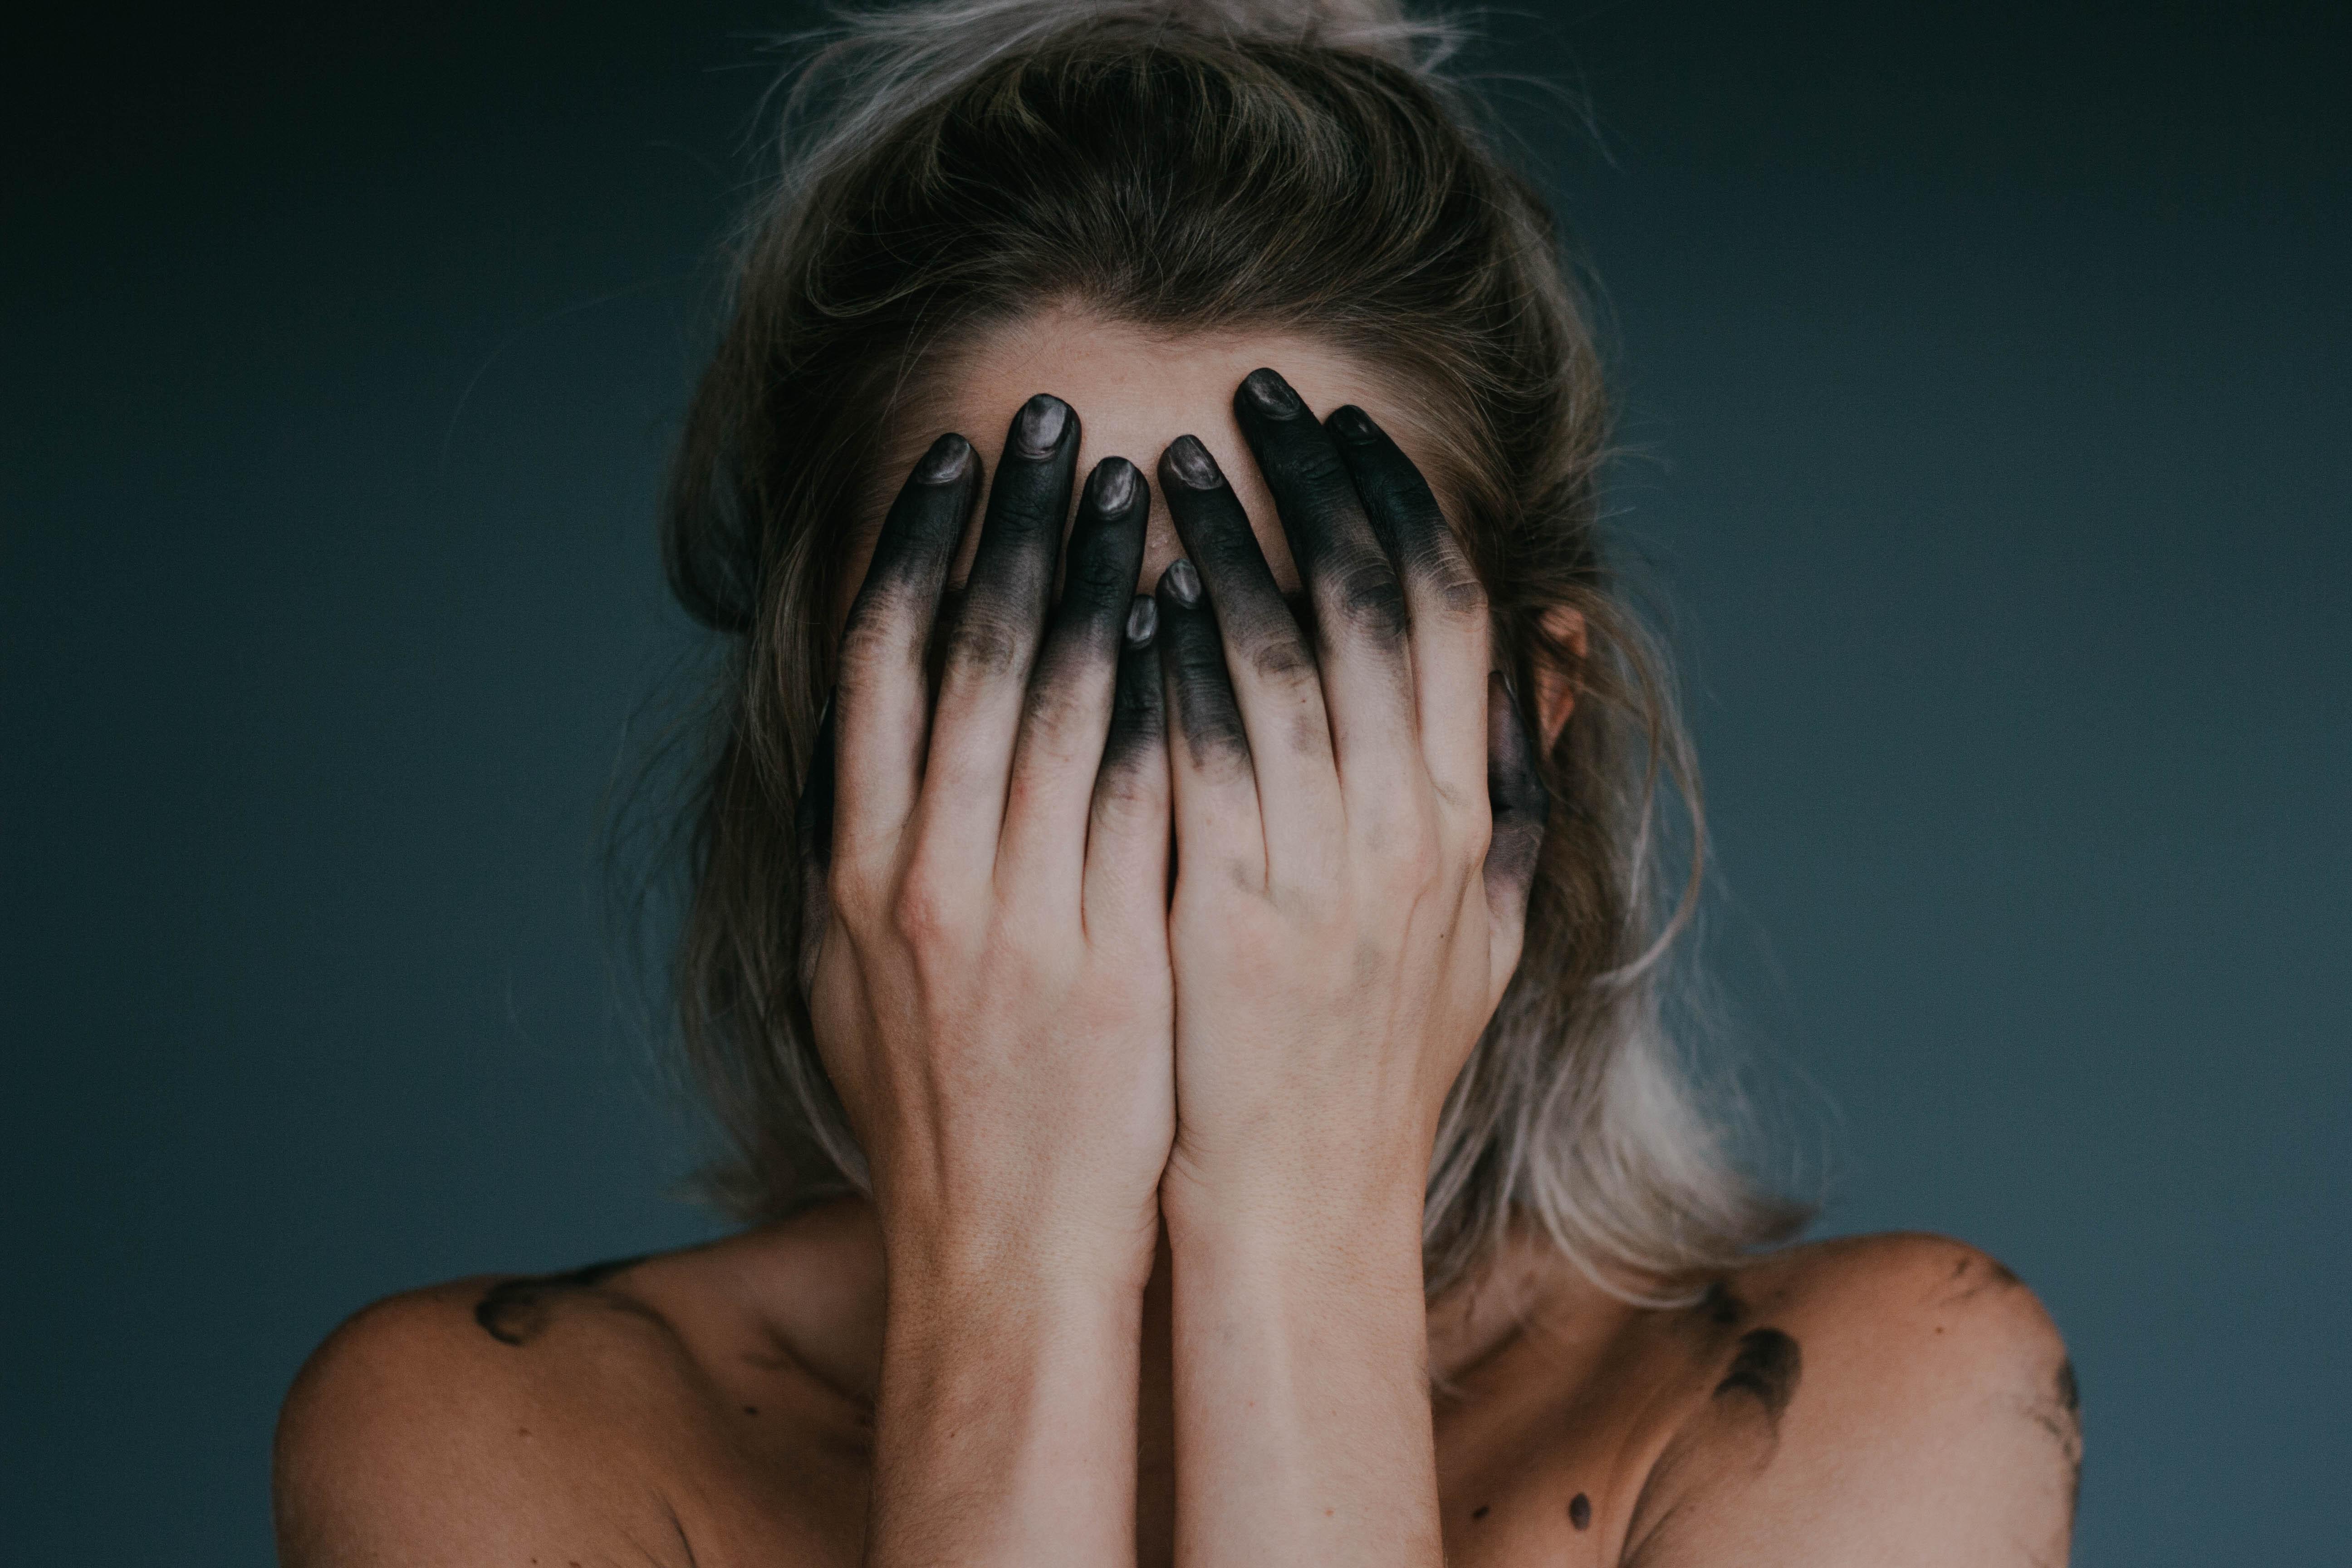 Ce poti face pentru a evita burnout-ul?